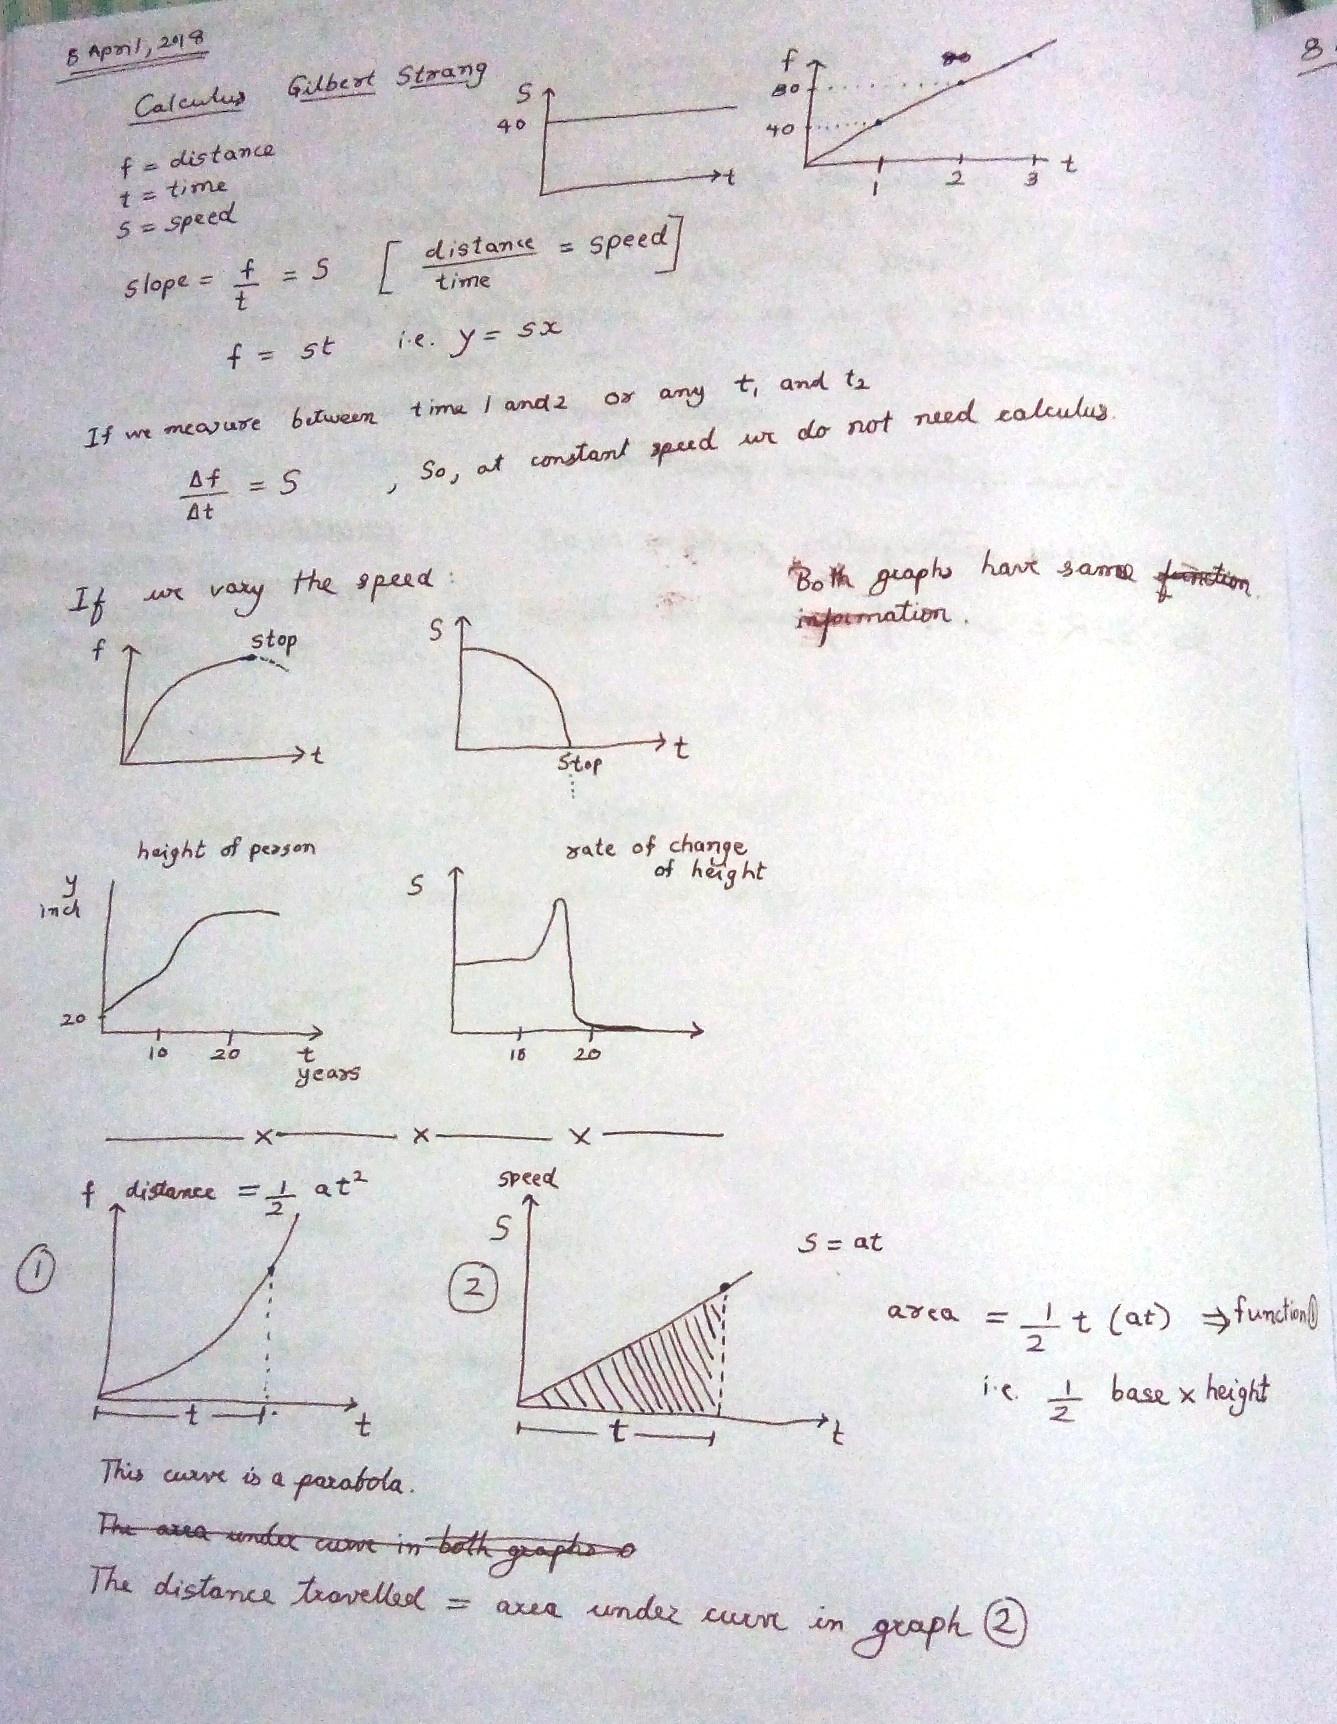 fpn_1525619685__writing_sample.jpg